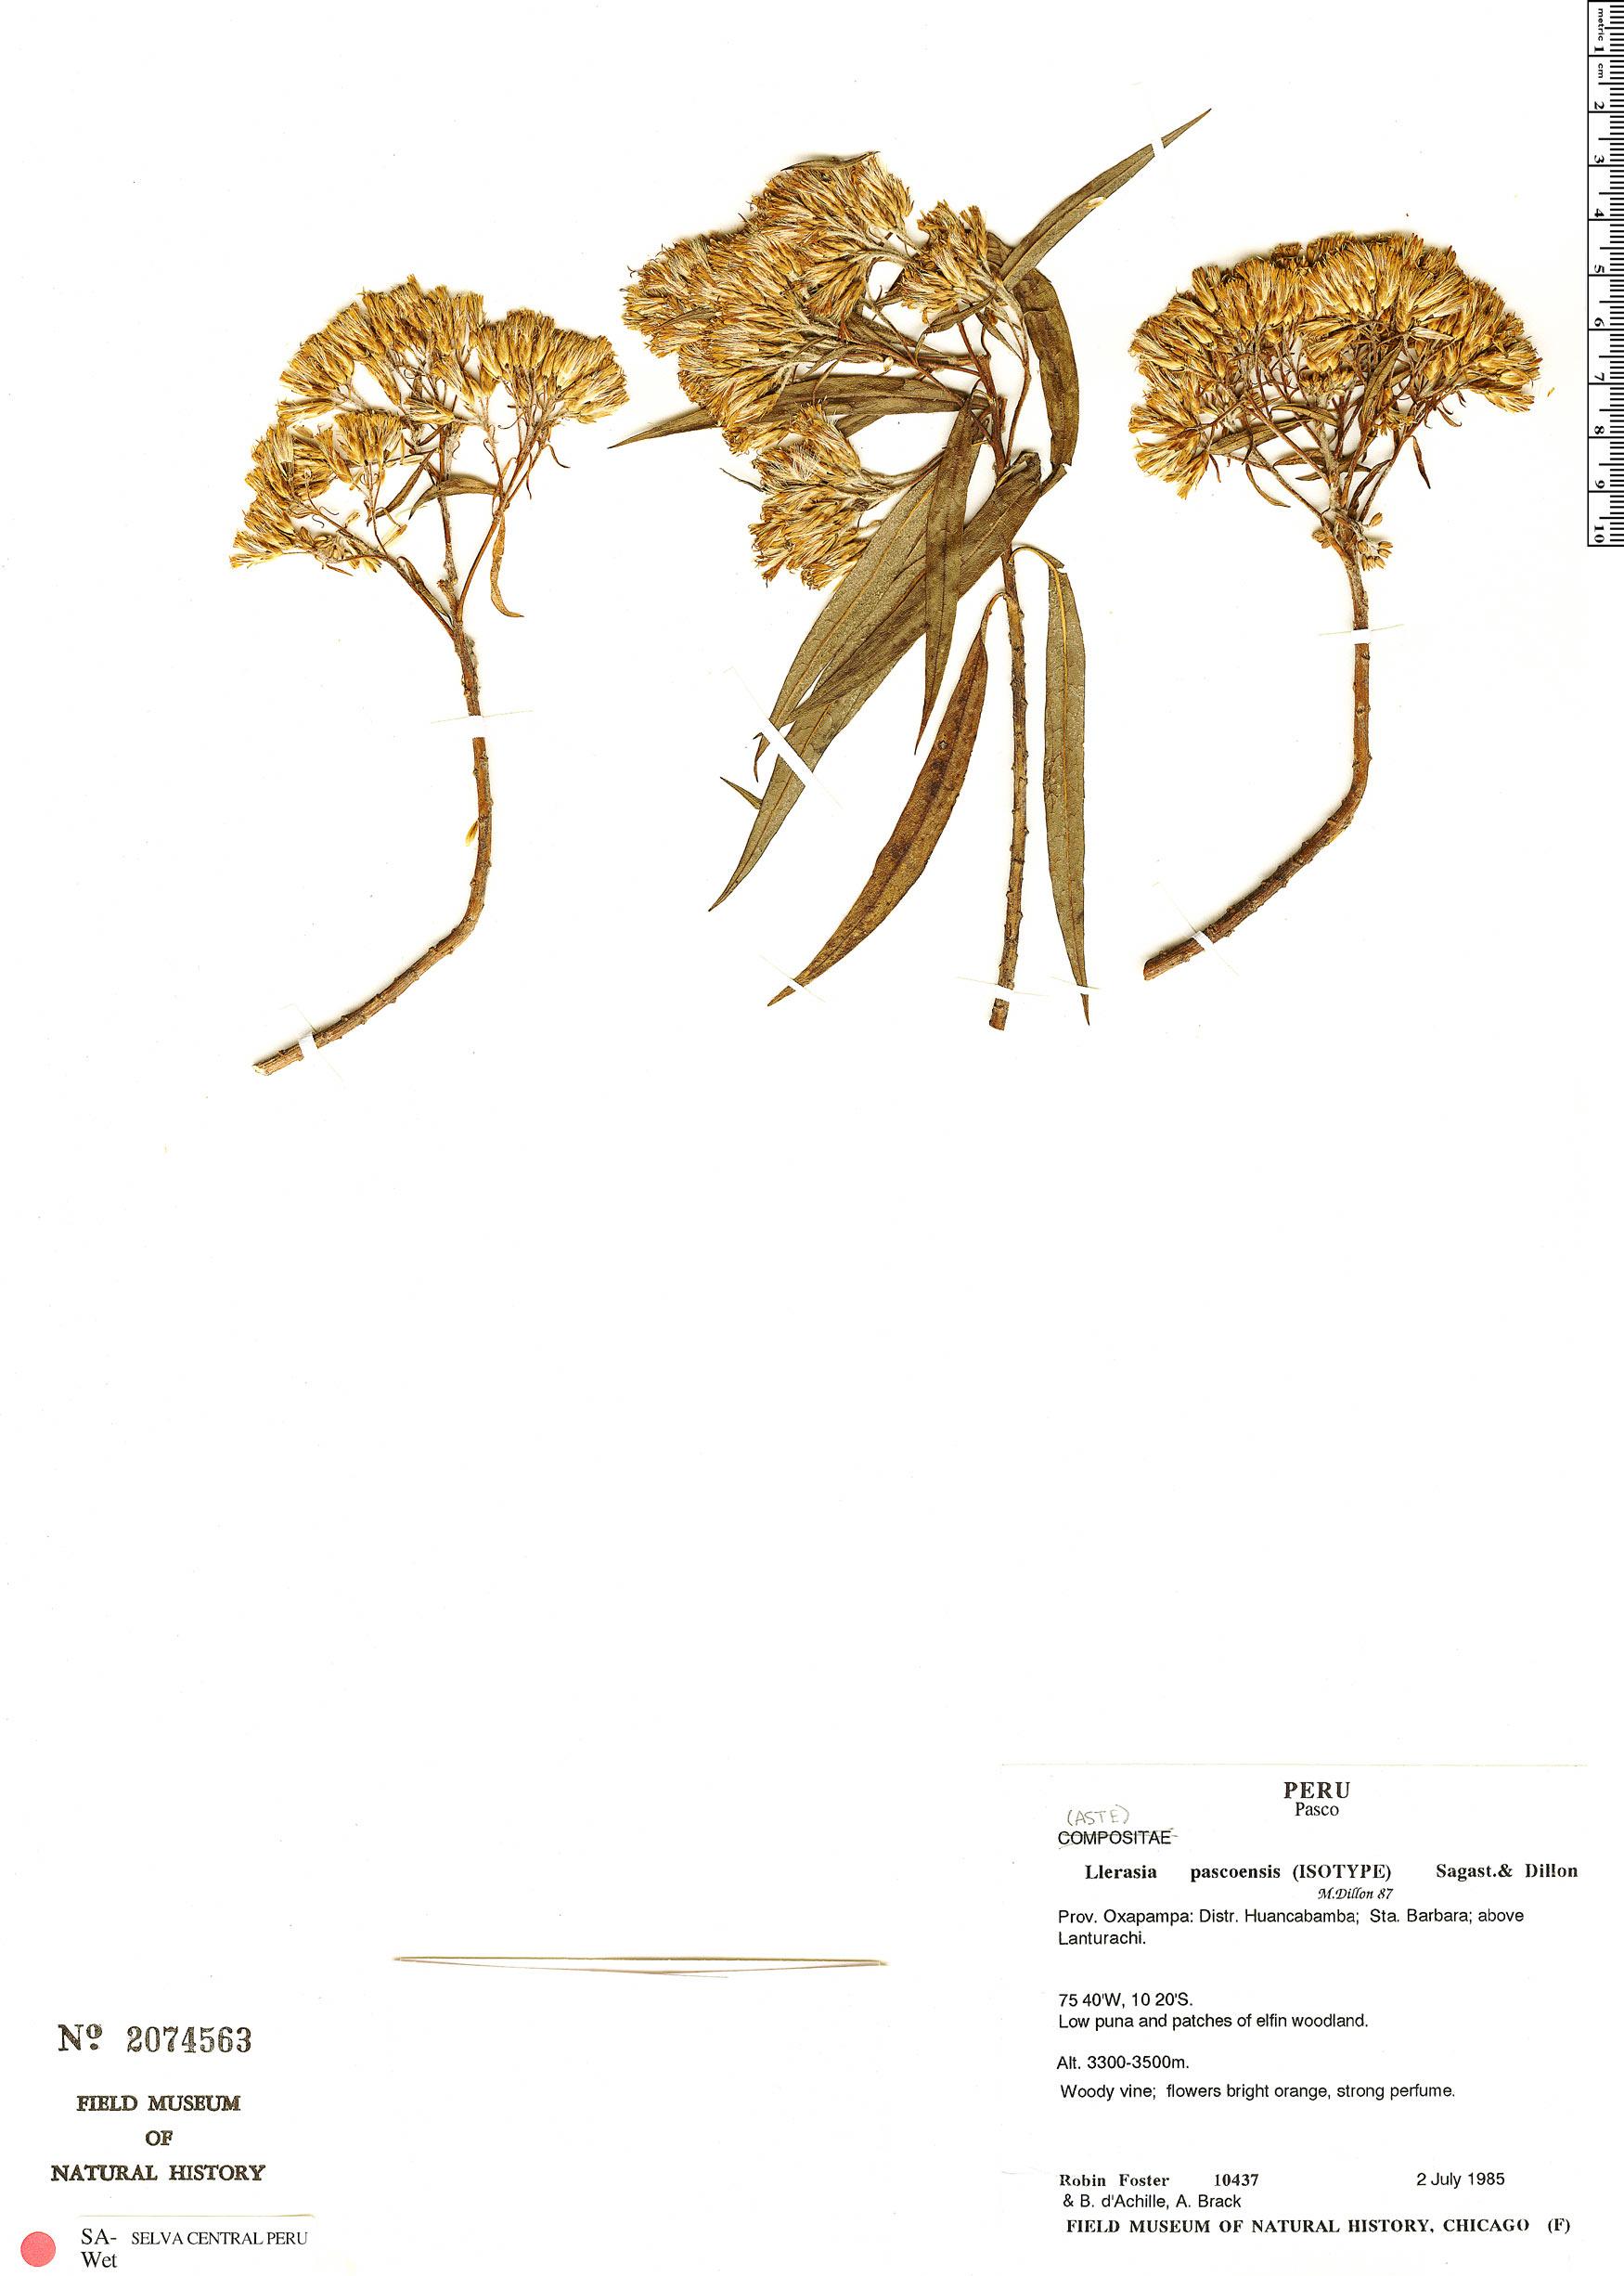 Specimen: Llerasia pascoensis